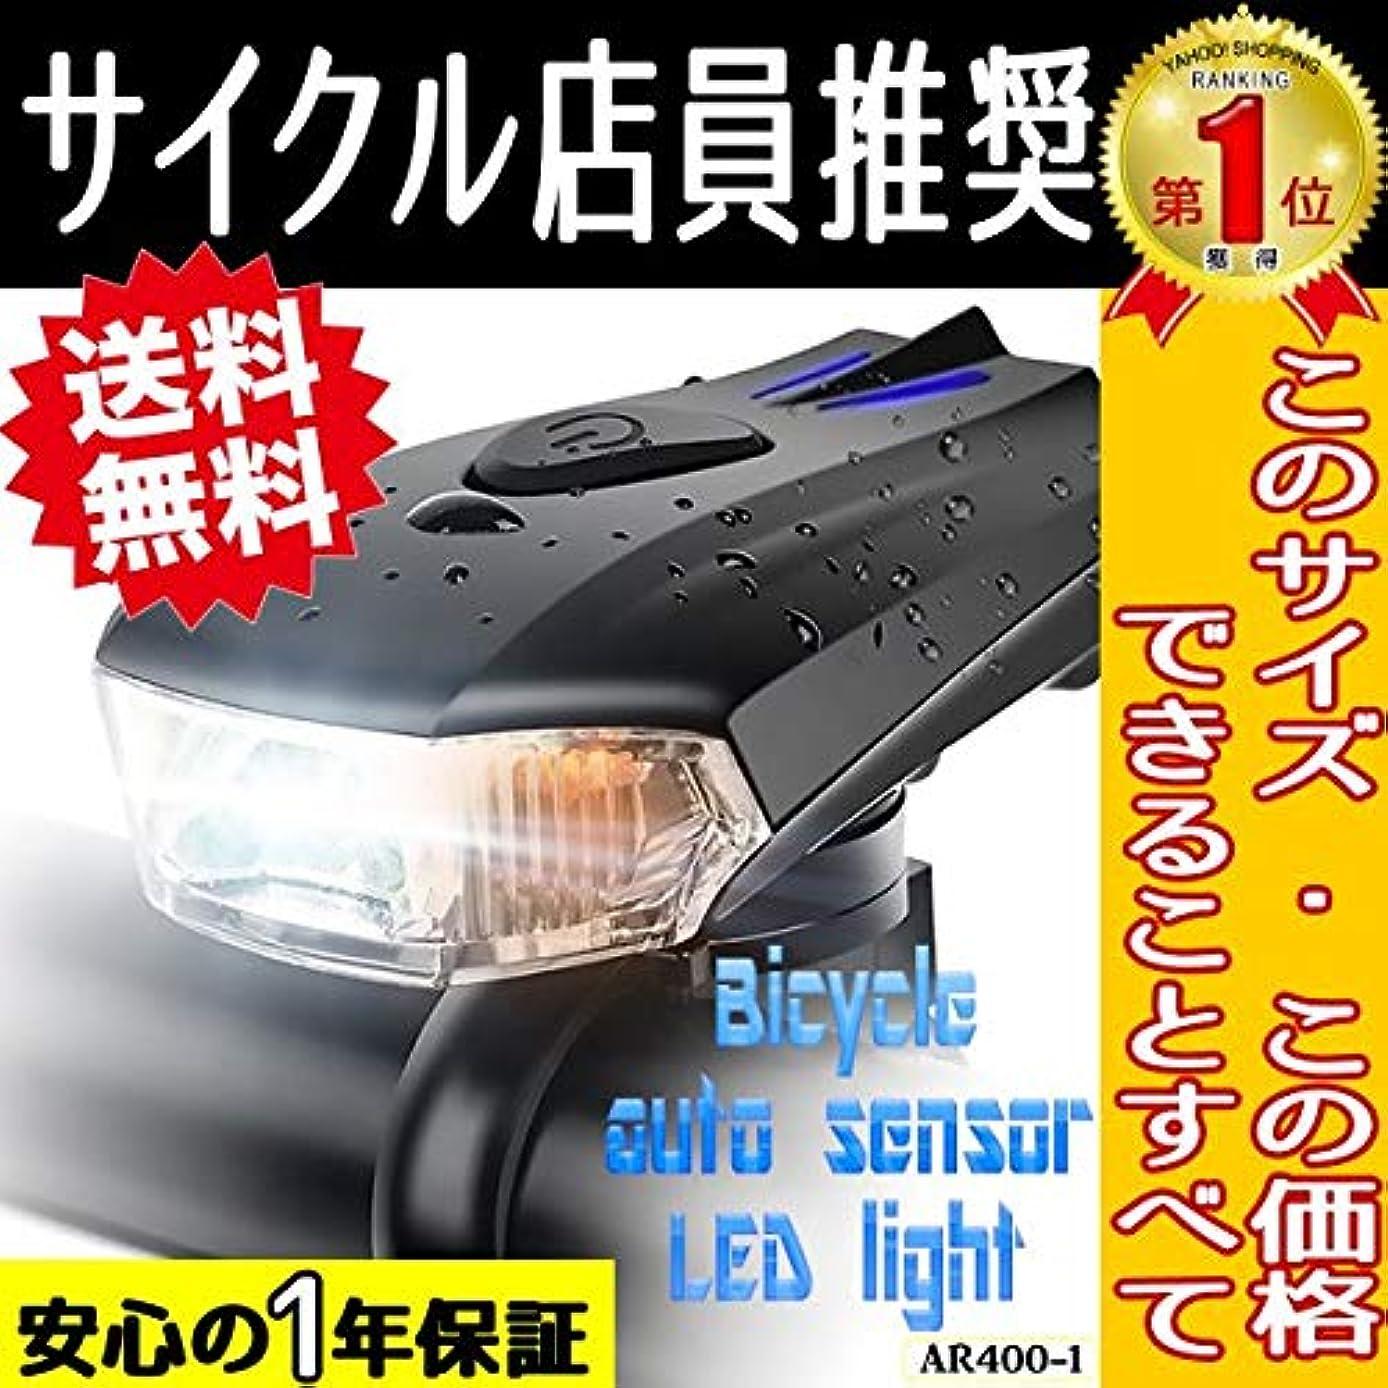 休眠避難月曜日自転車 ライト LEDヘッドライト USB充電式 1200mAh 防水 新開発スクエア照射スポット搭載 ロードバイク 自動点灯 明るい400LM